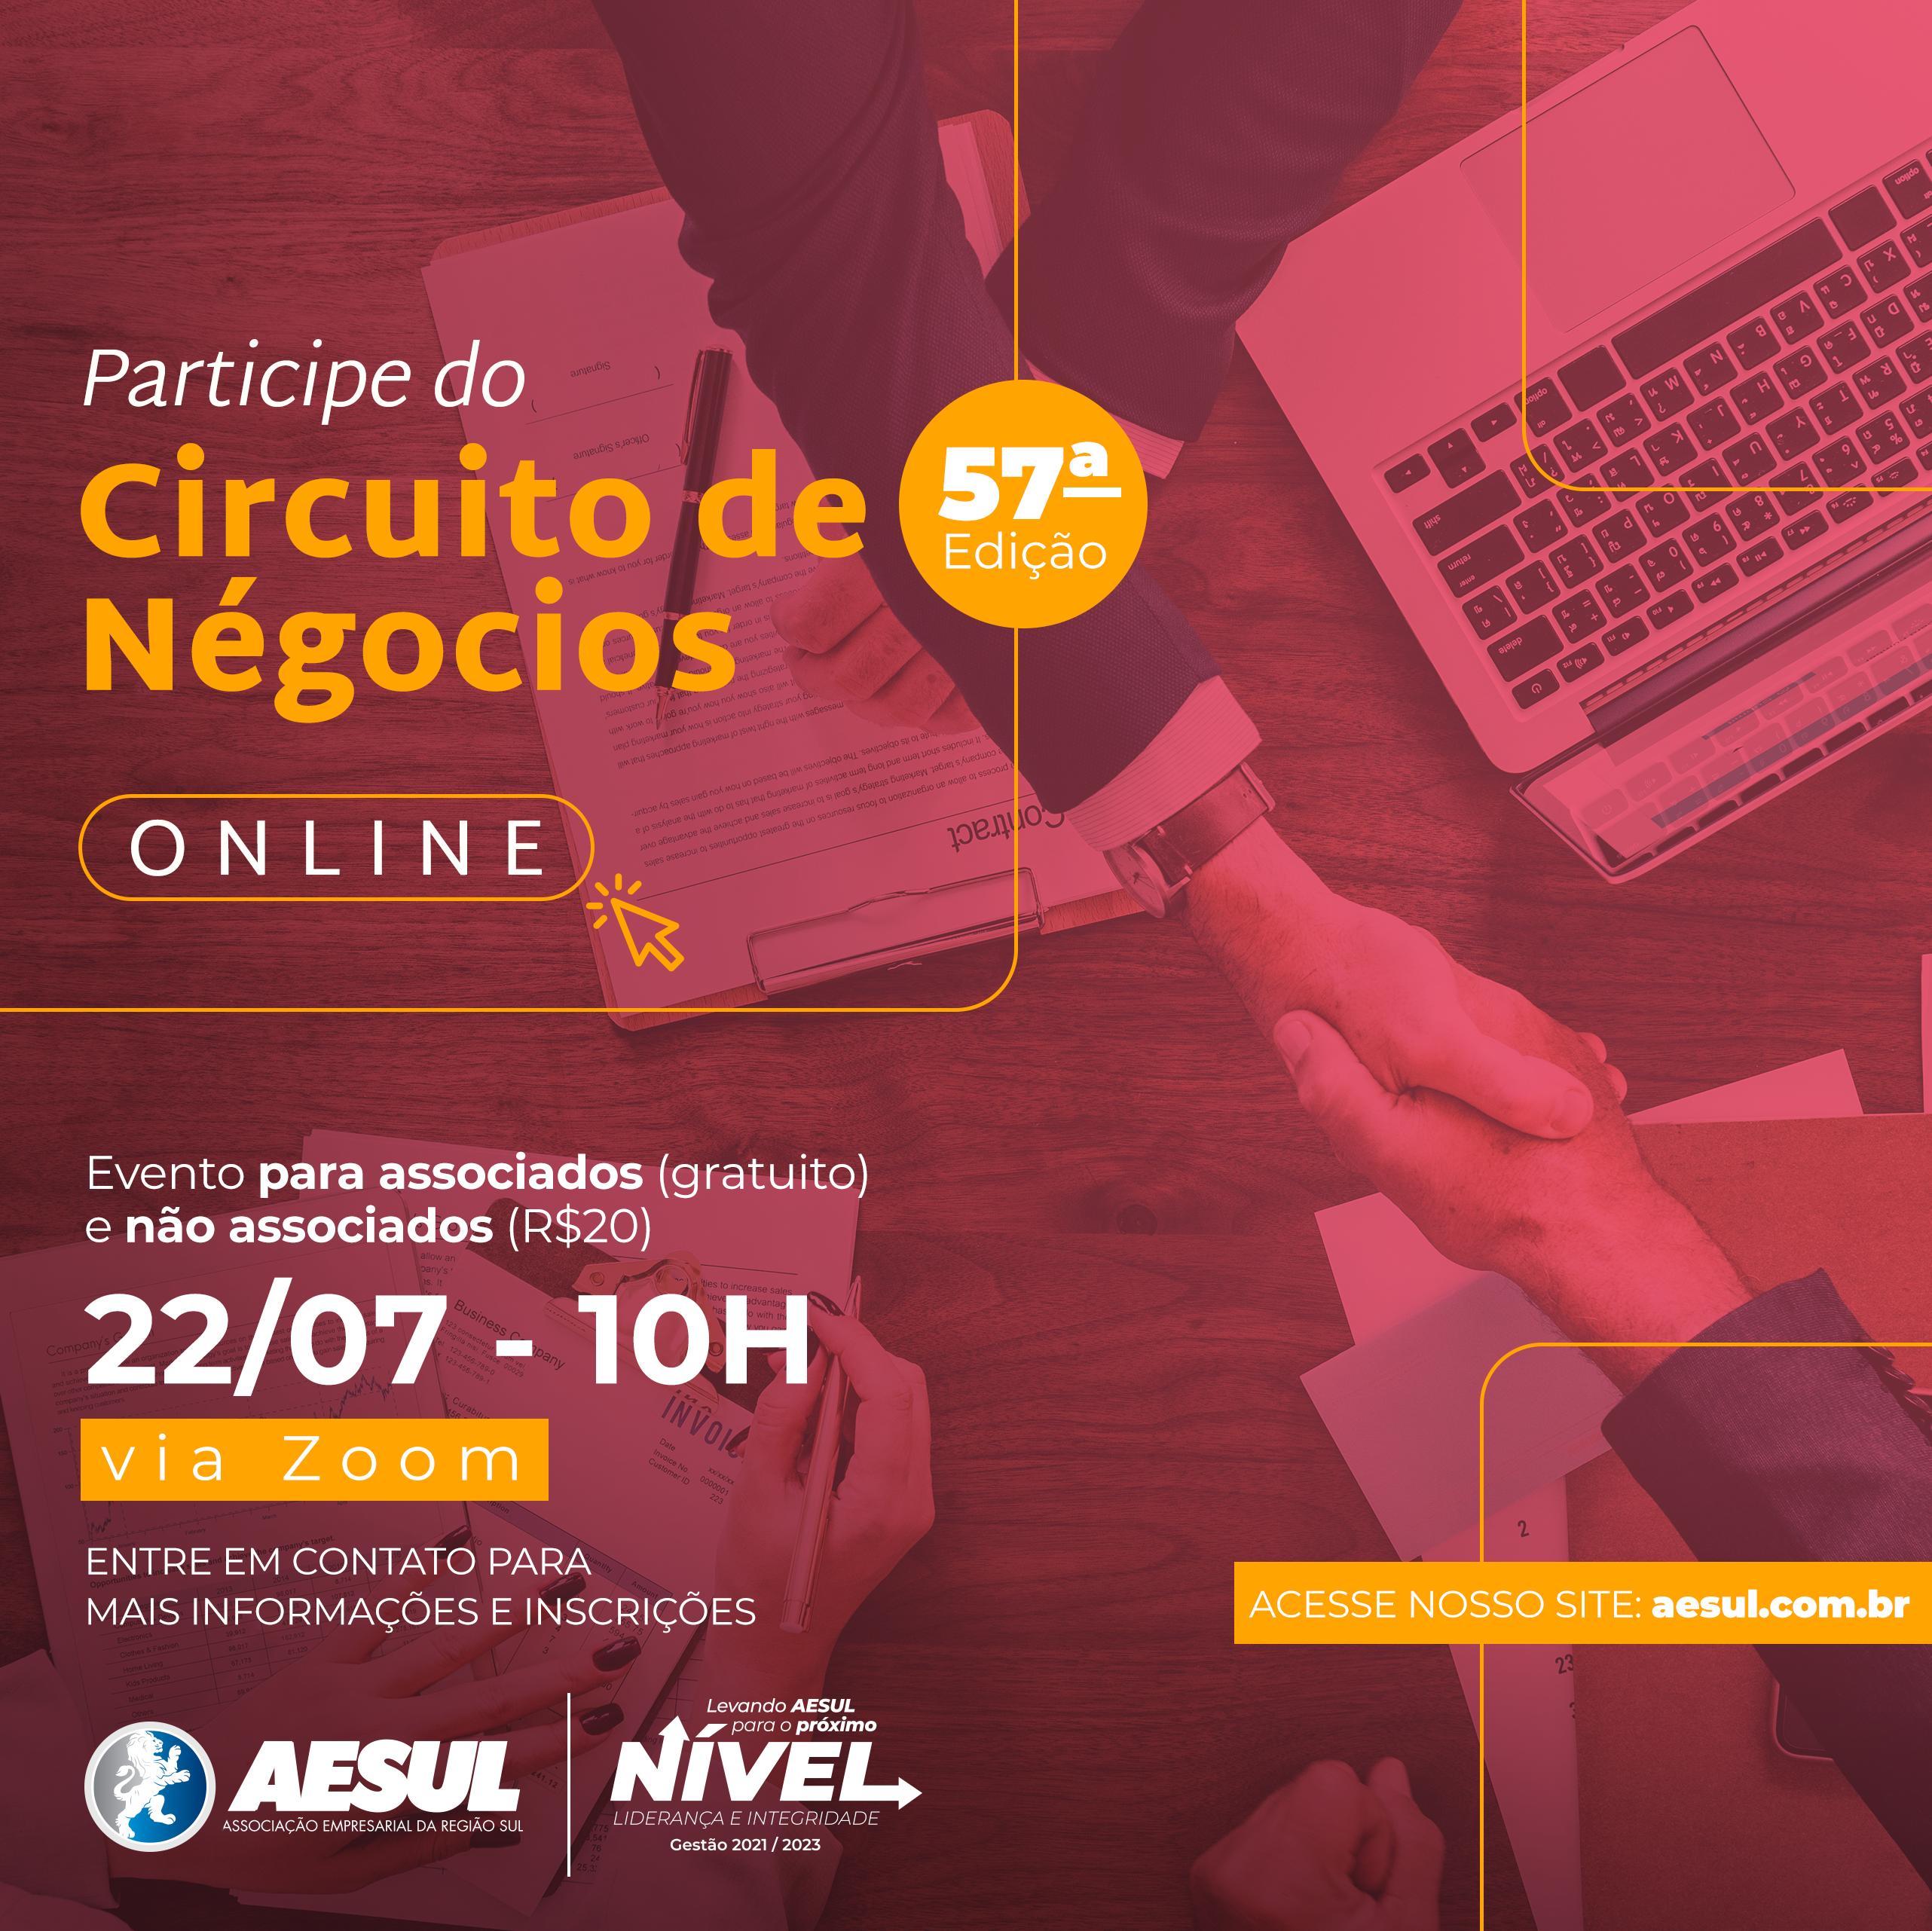 Circuito de Negócios AESUL Online – Edição de Julho